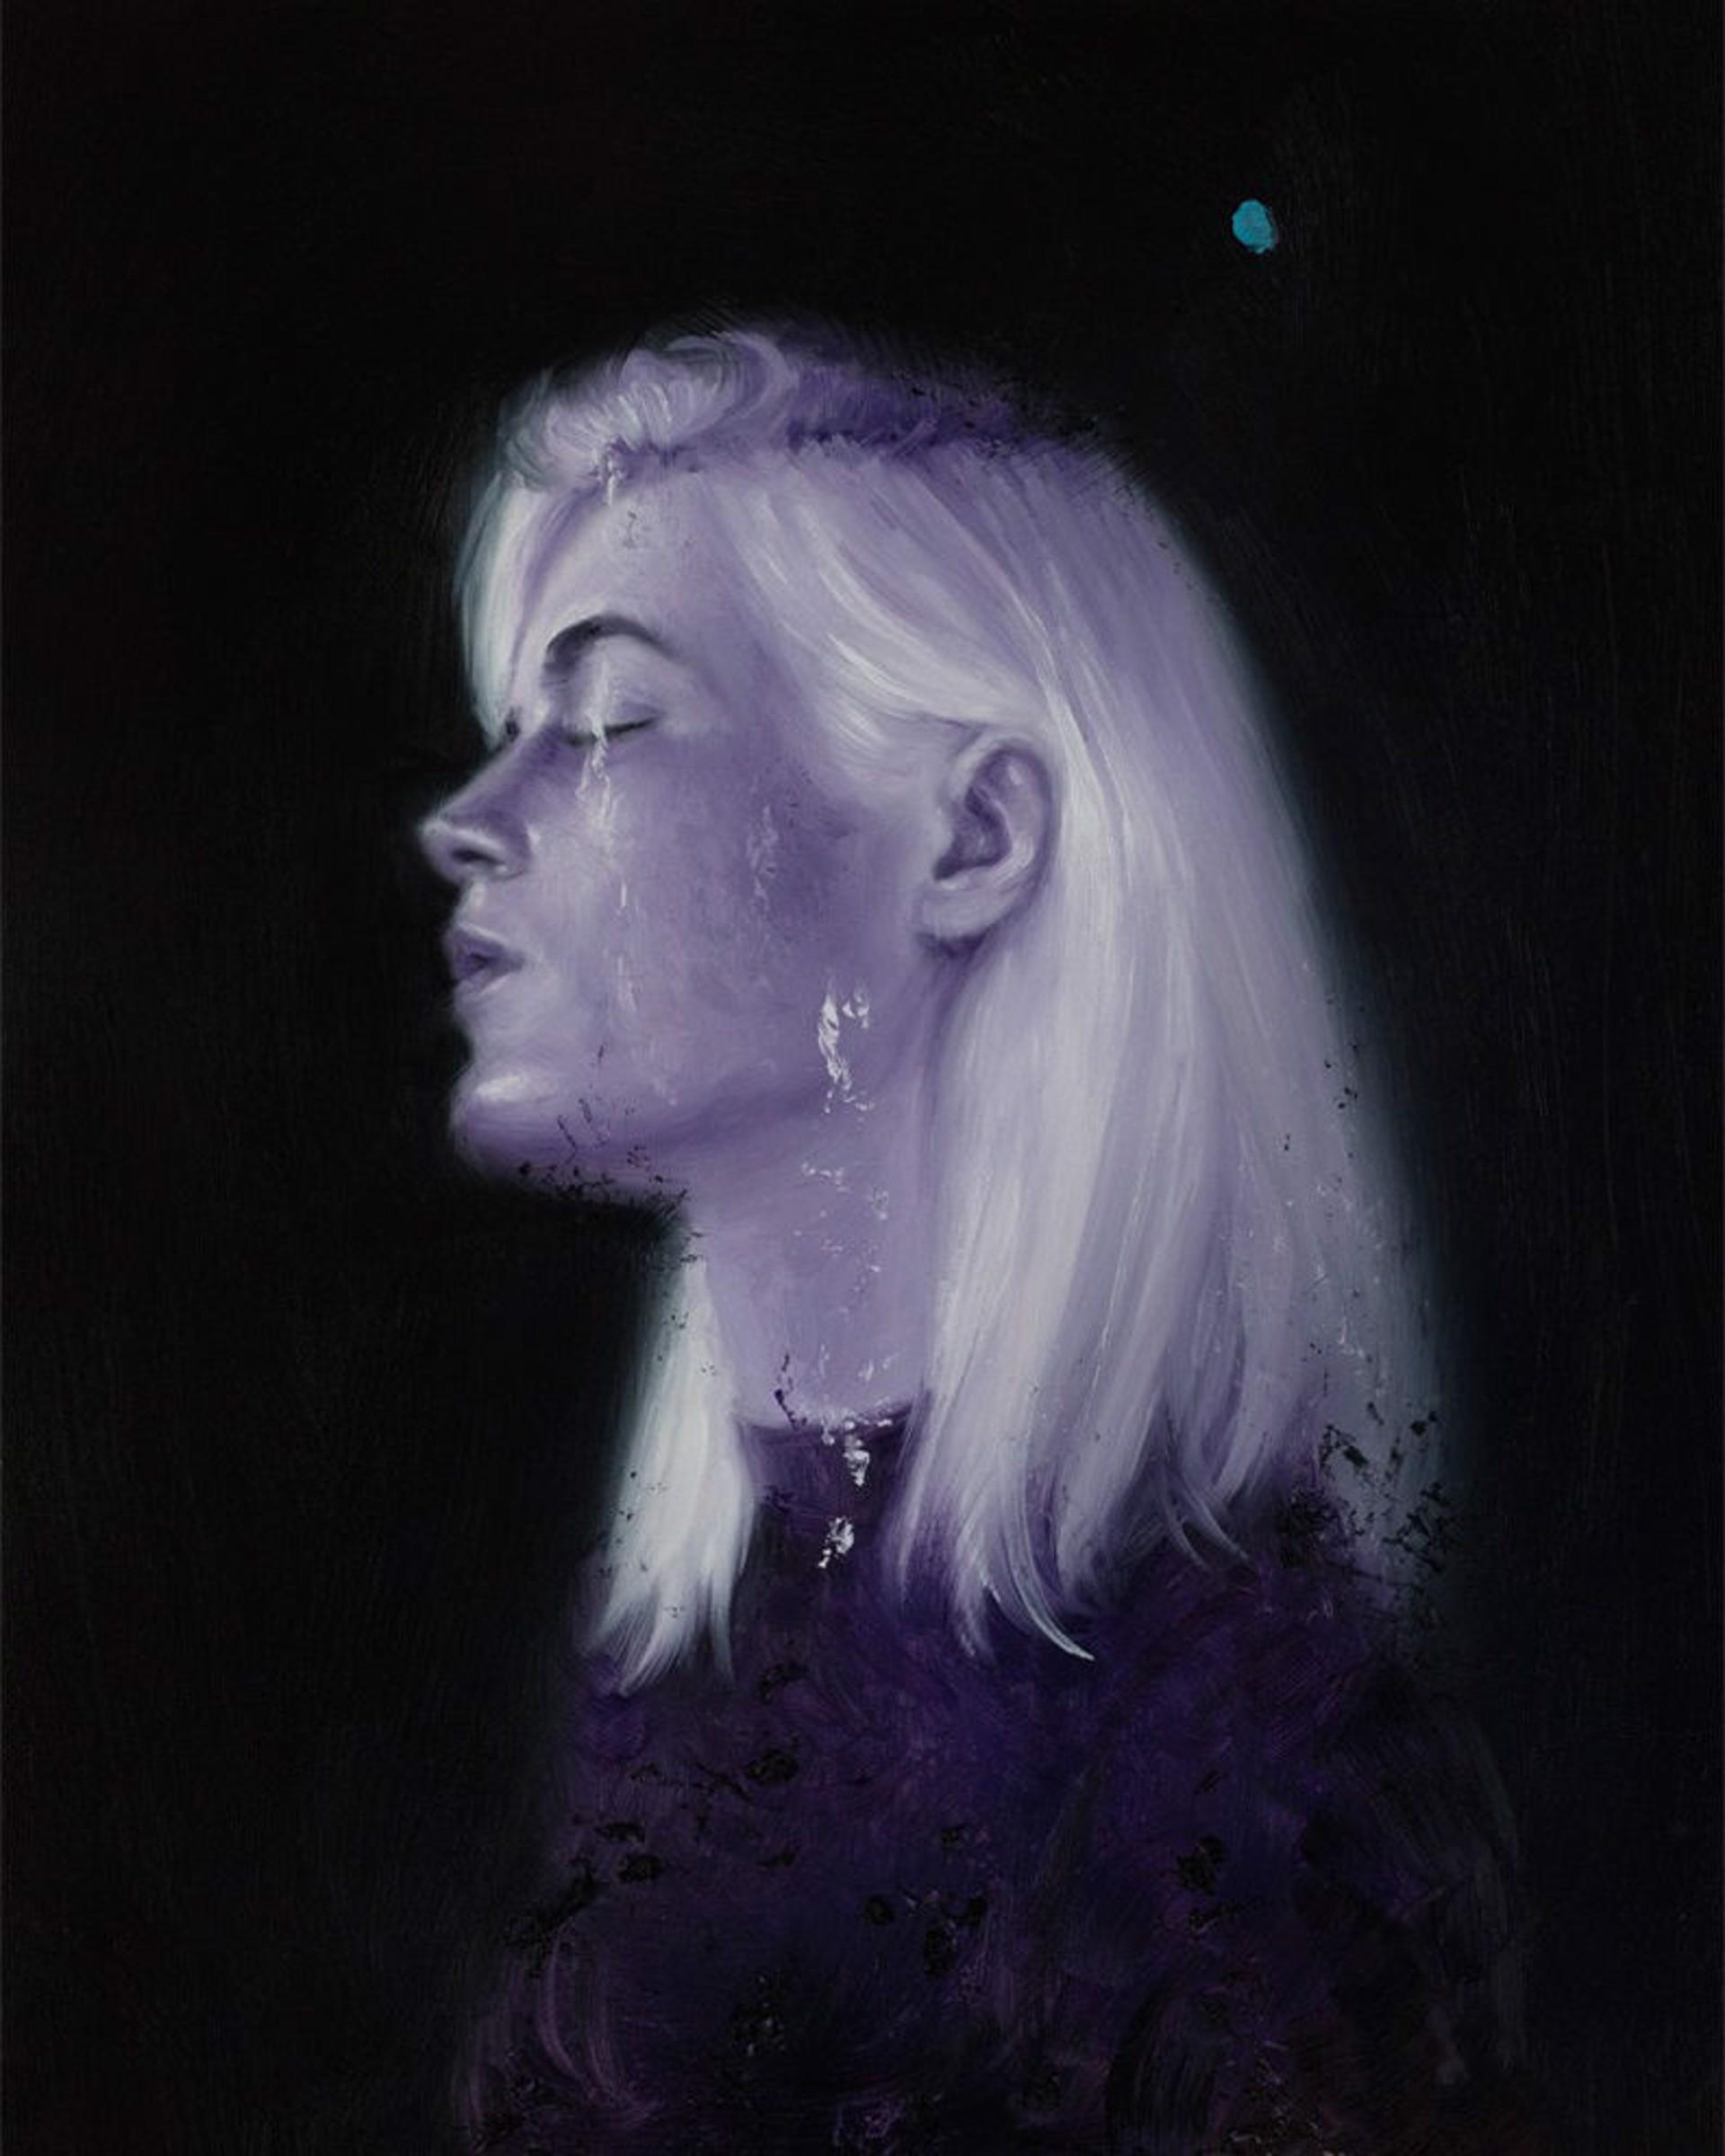 Violet by Valentin Fischer